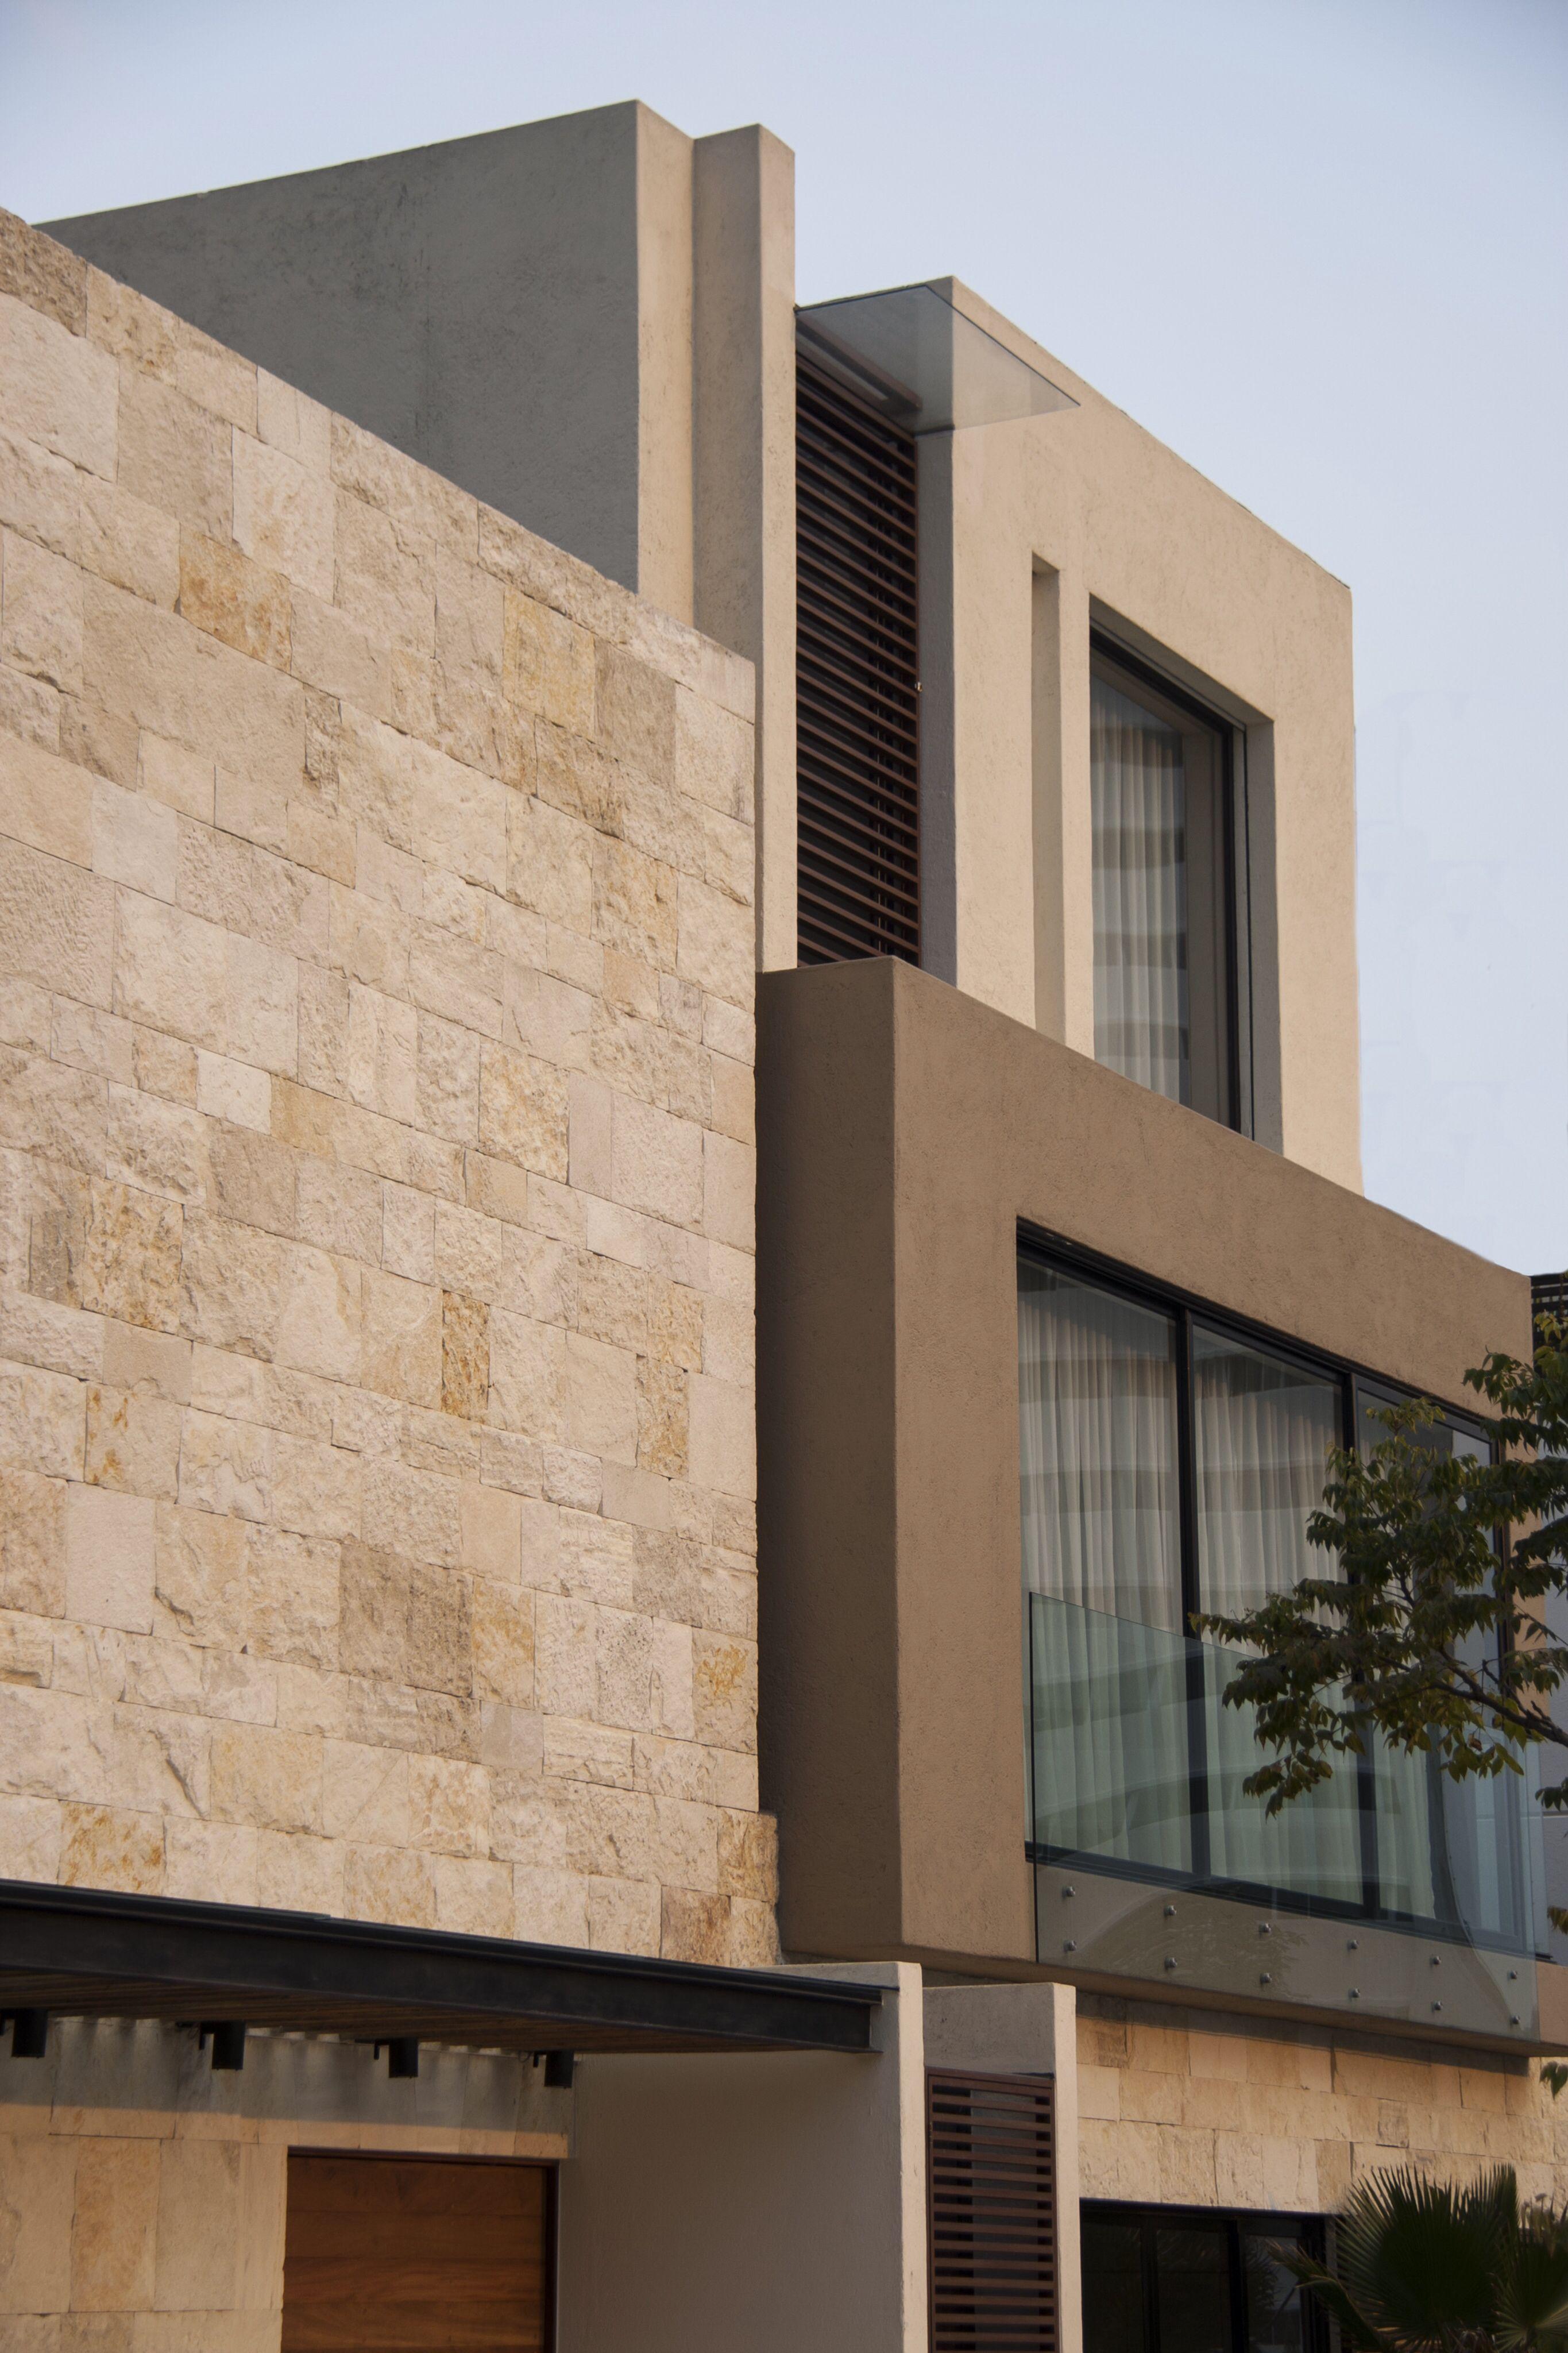 Pin von Carlos Rizzo auf Fachadas | Pinterest | Moderne häuser ...